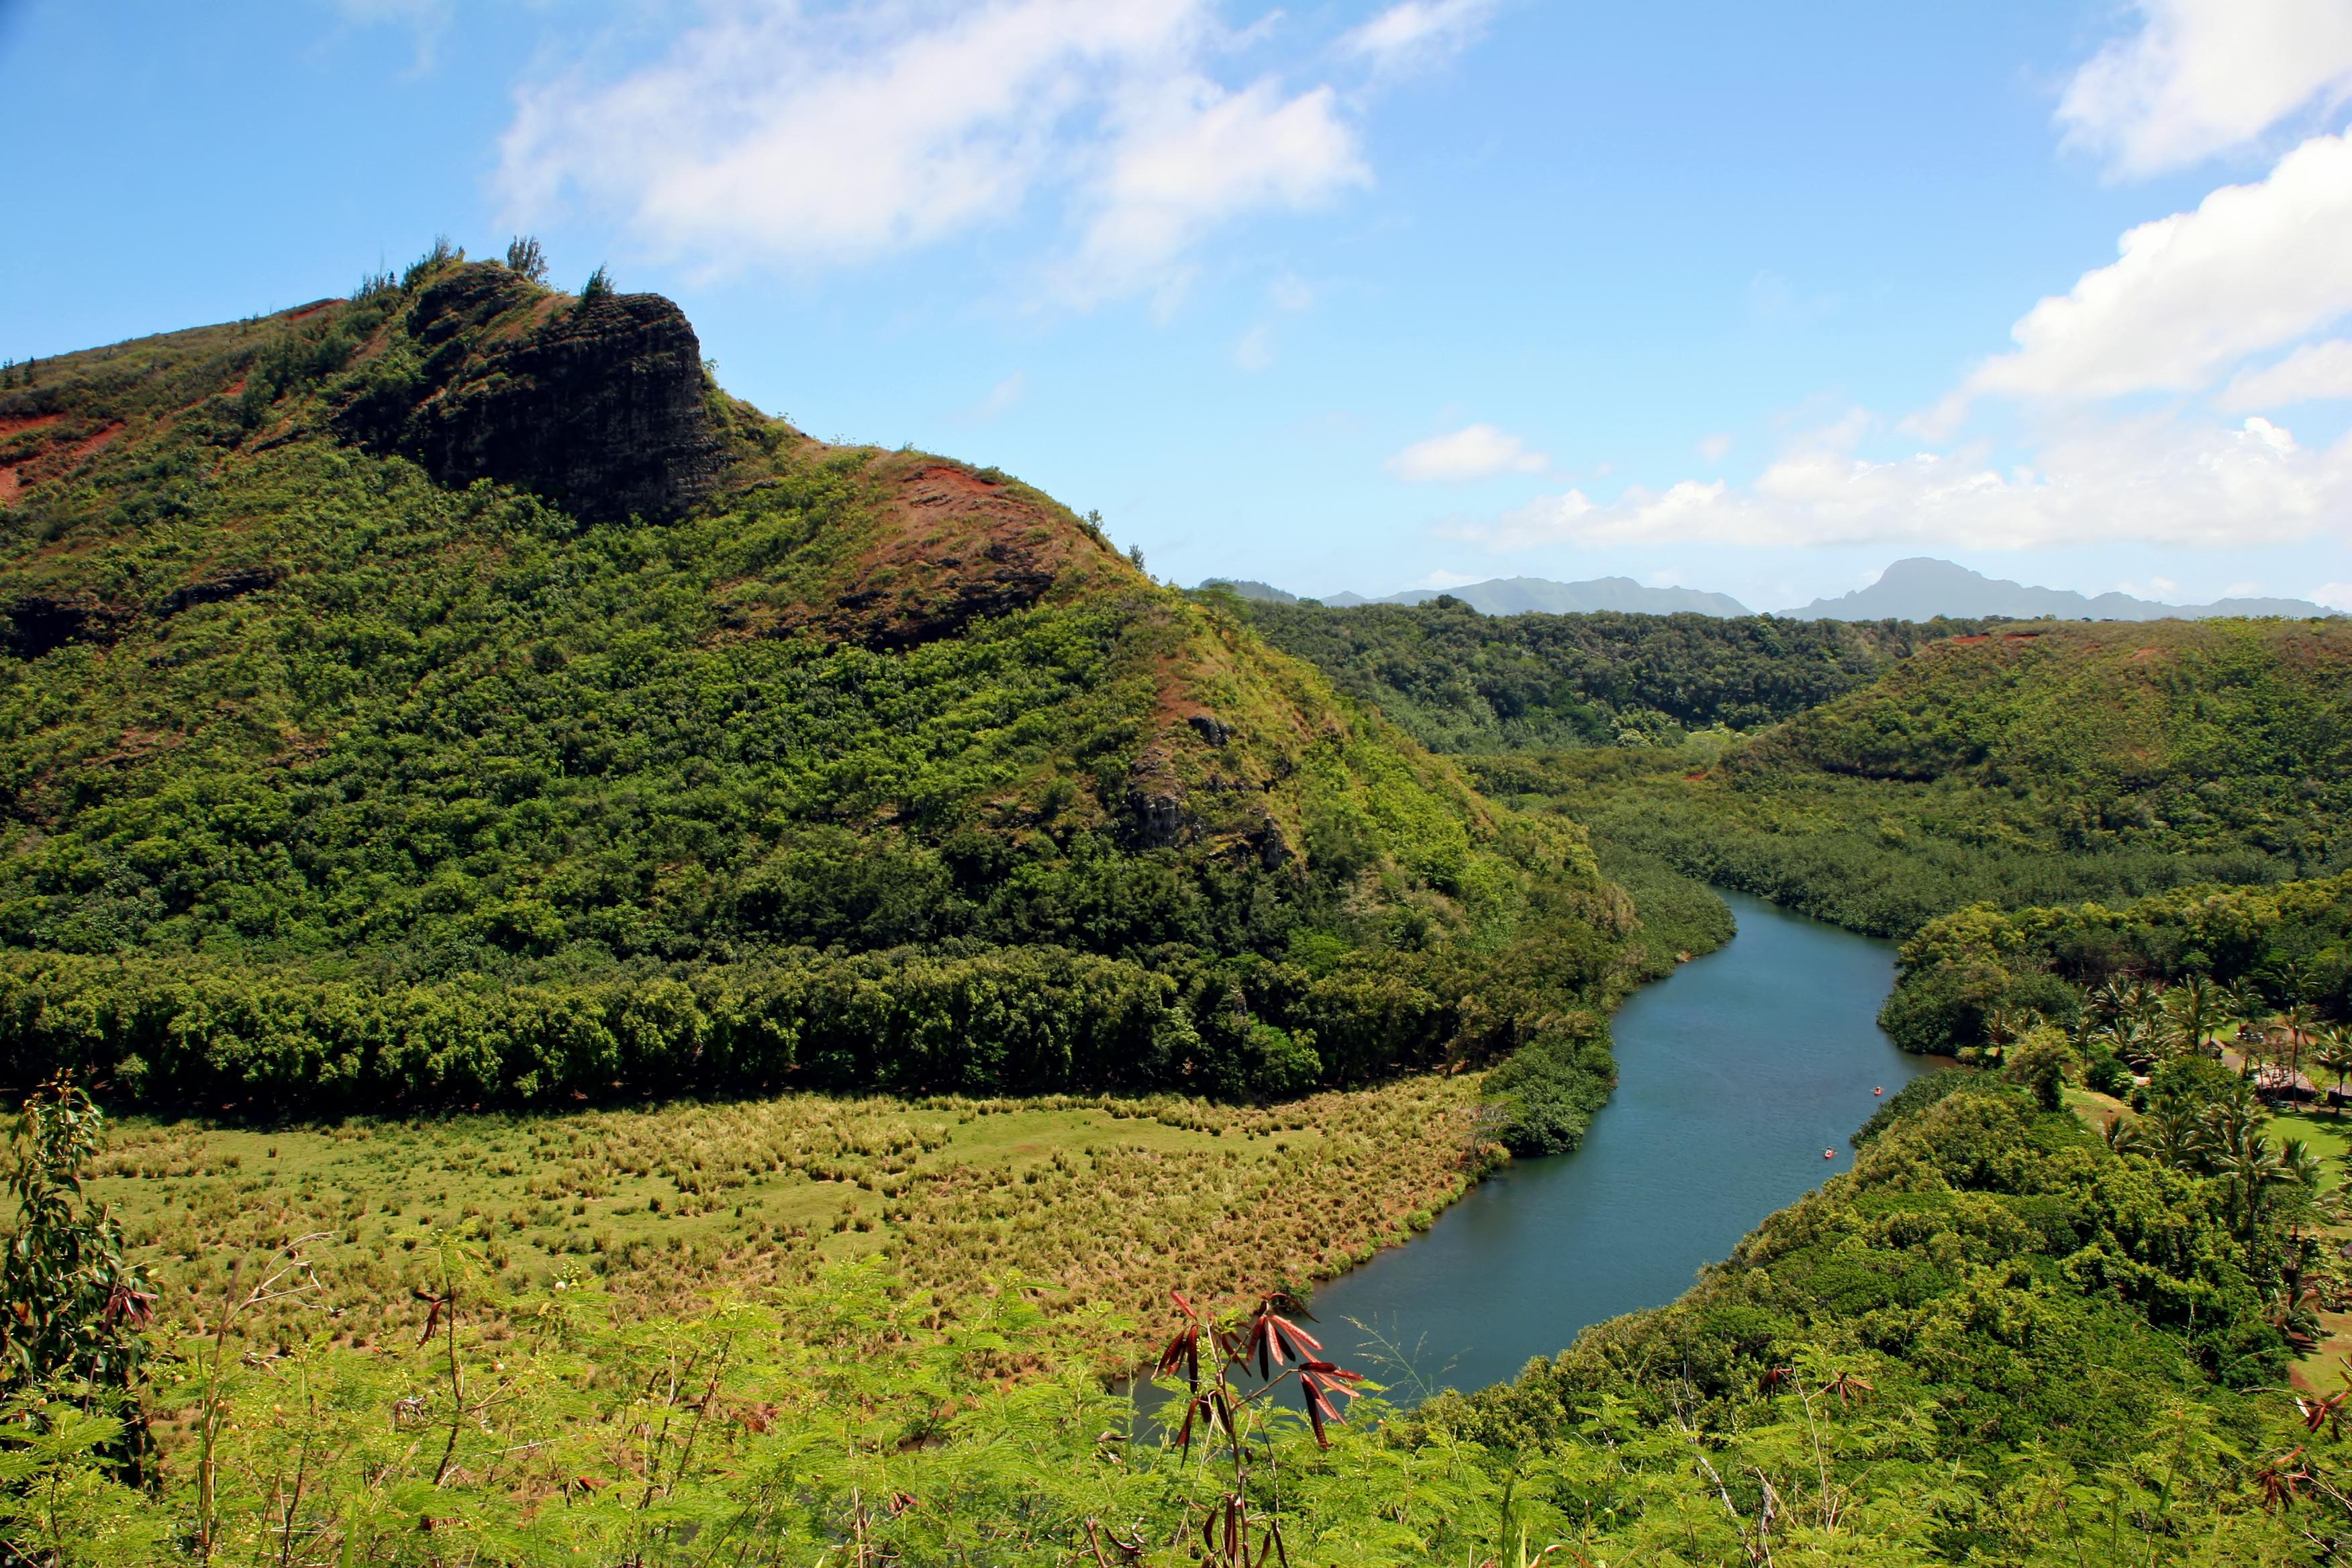 Things to Do on Kauai This Fall